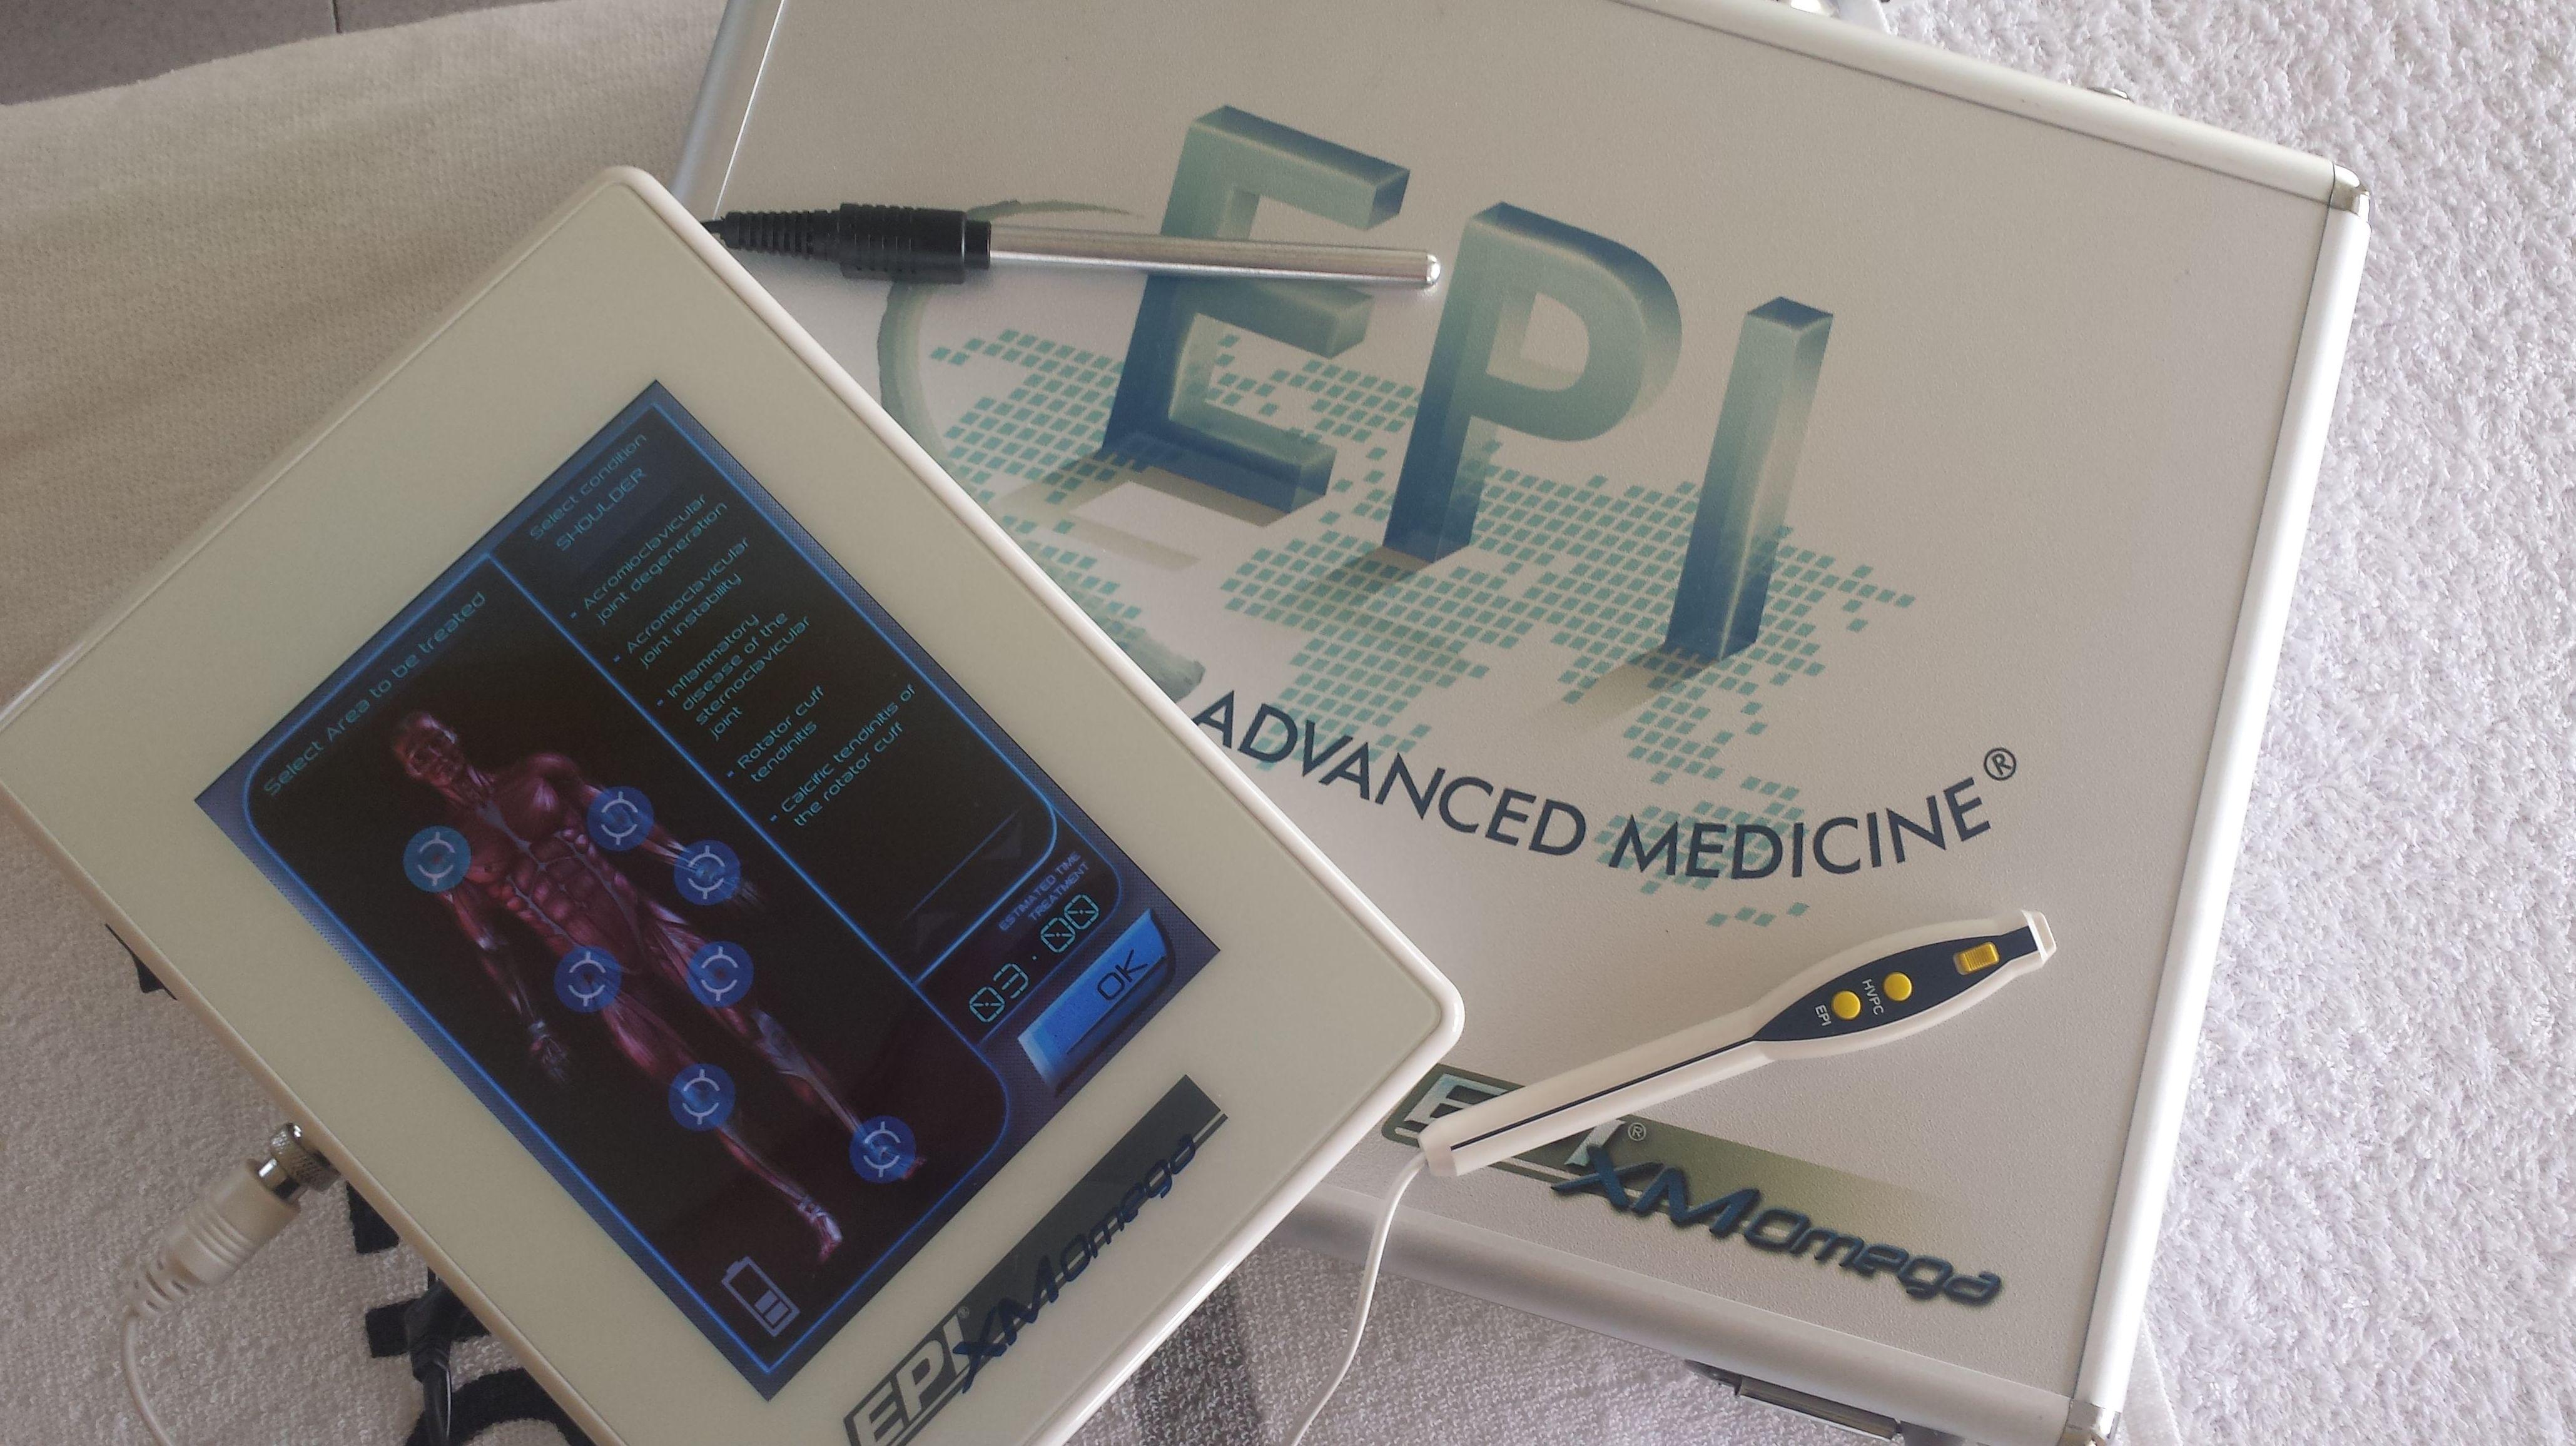 EPI Advanced